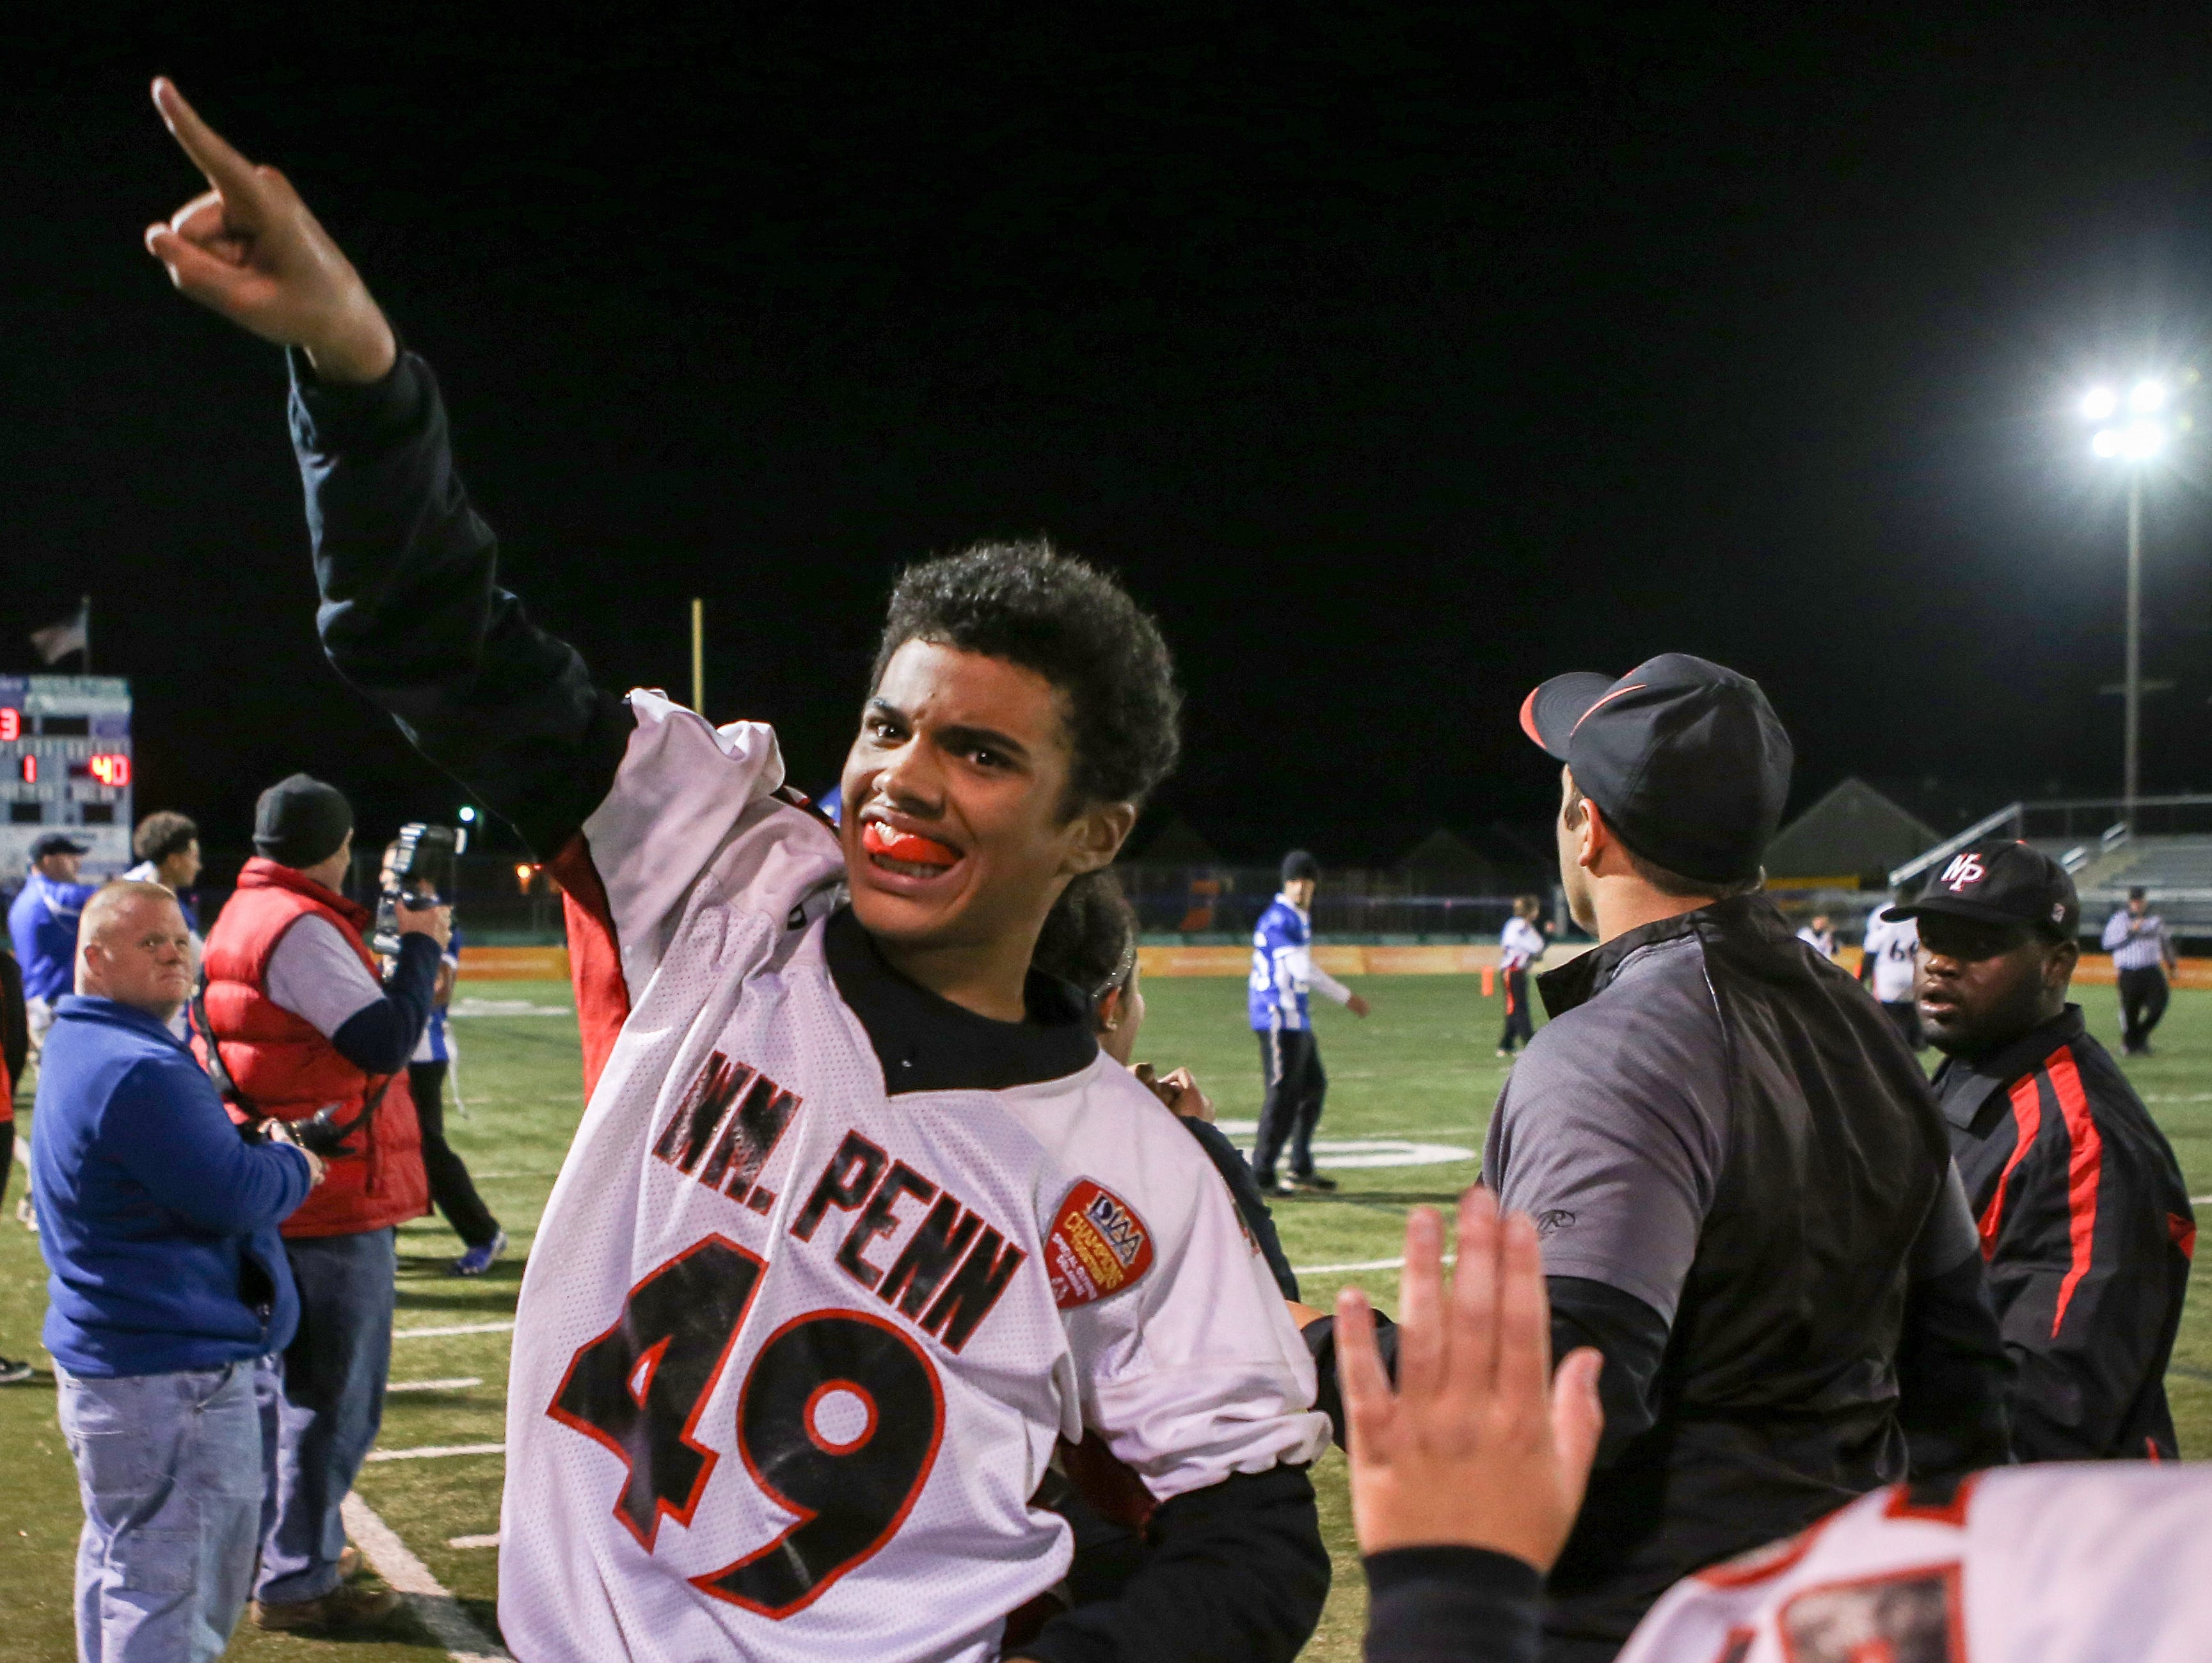 William Penn athlete Nick Kane celebrates his team's win over Middletown.